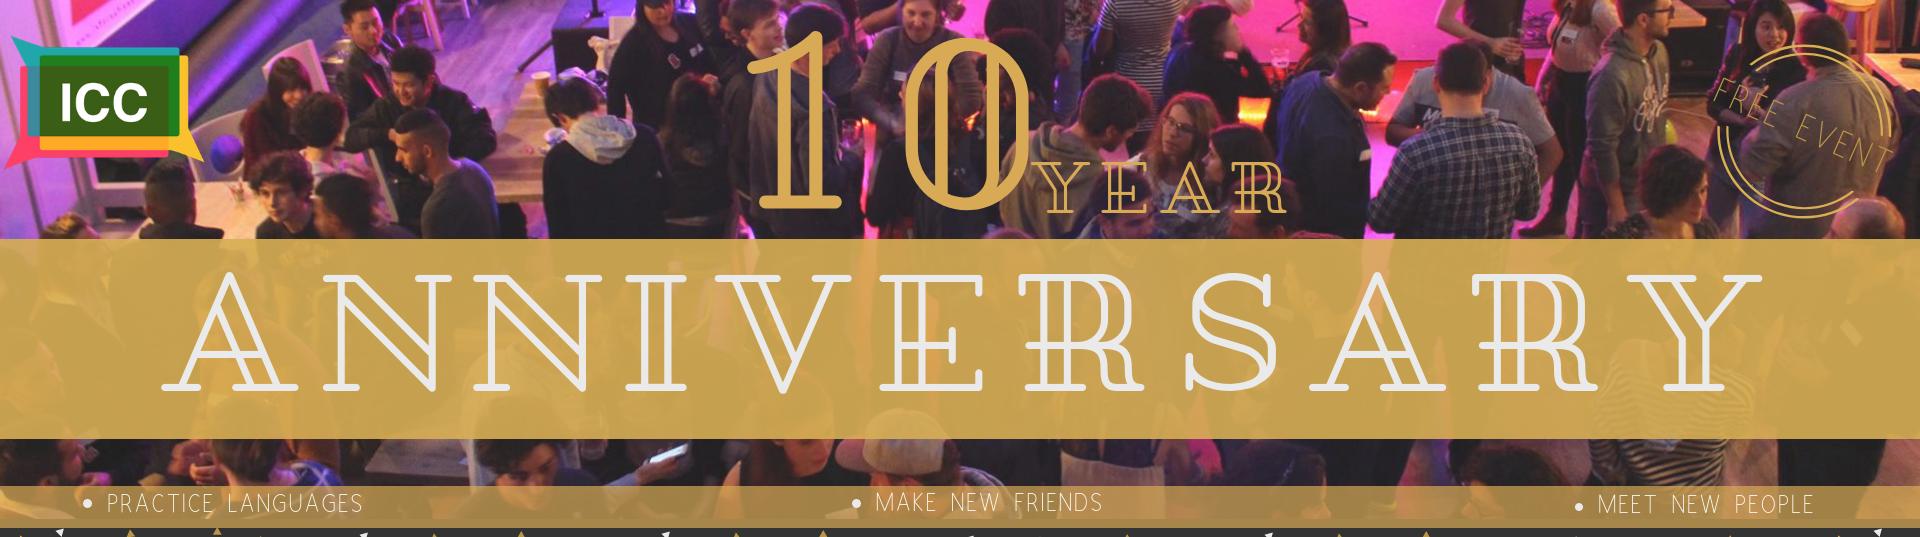 ICC 10 Year Anniversary